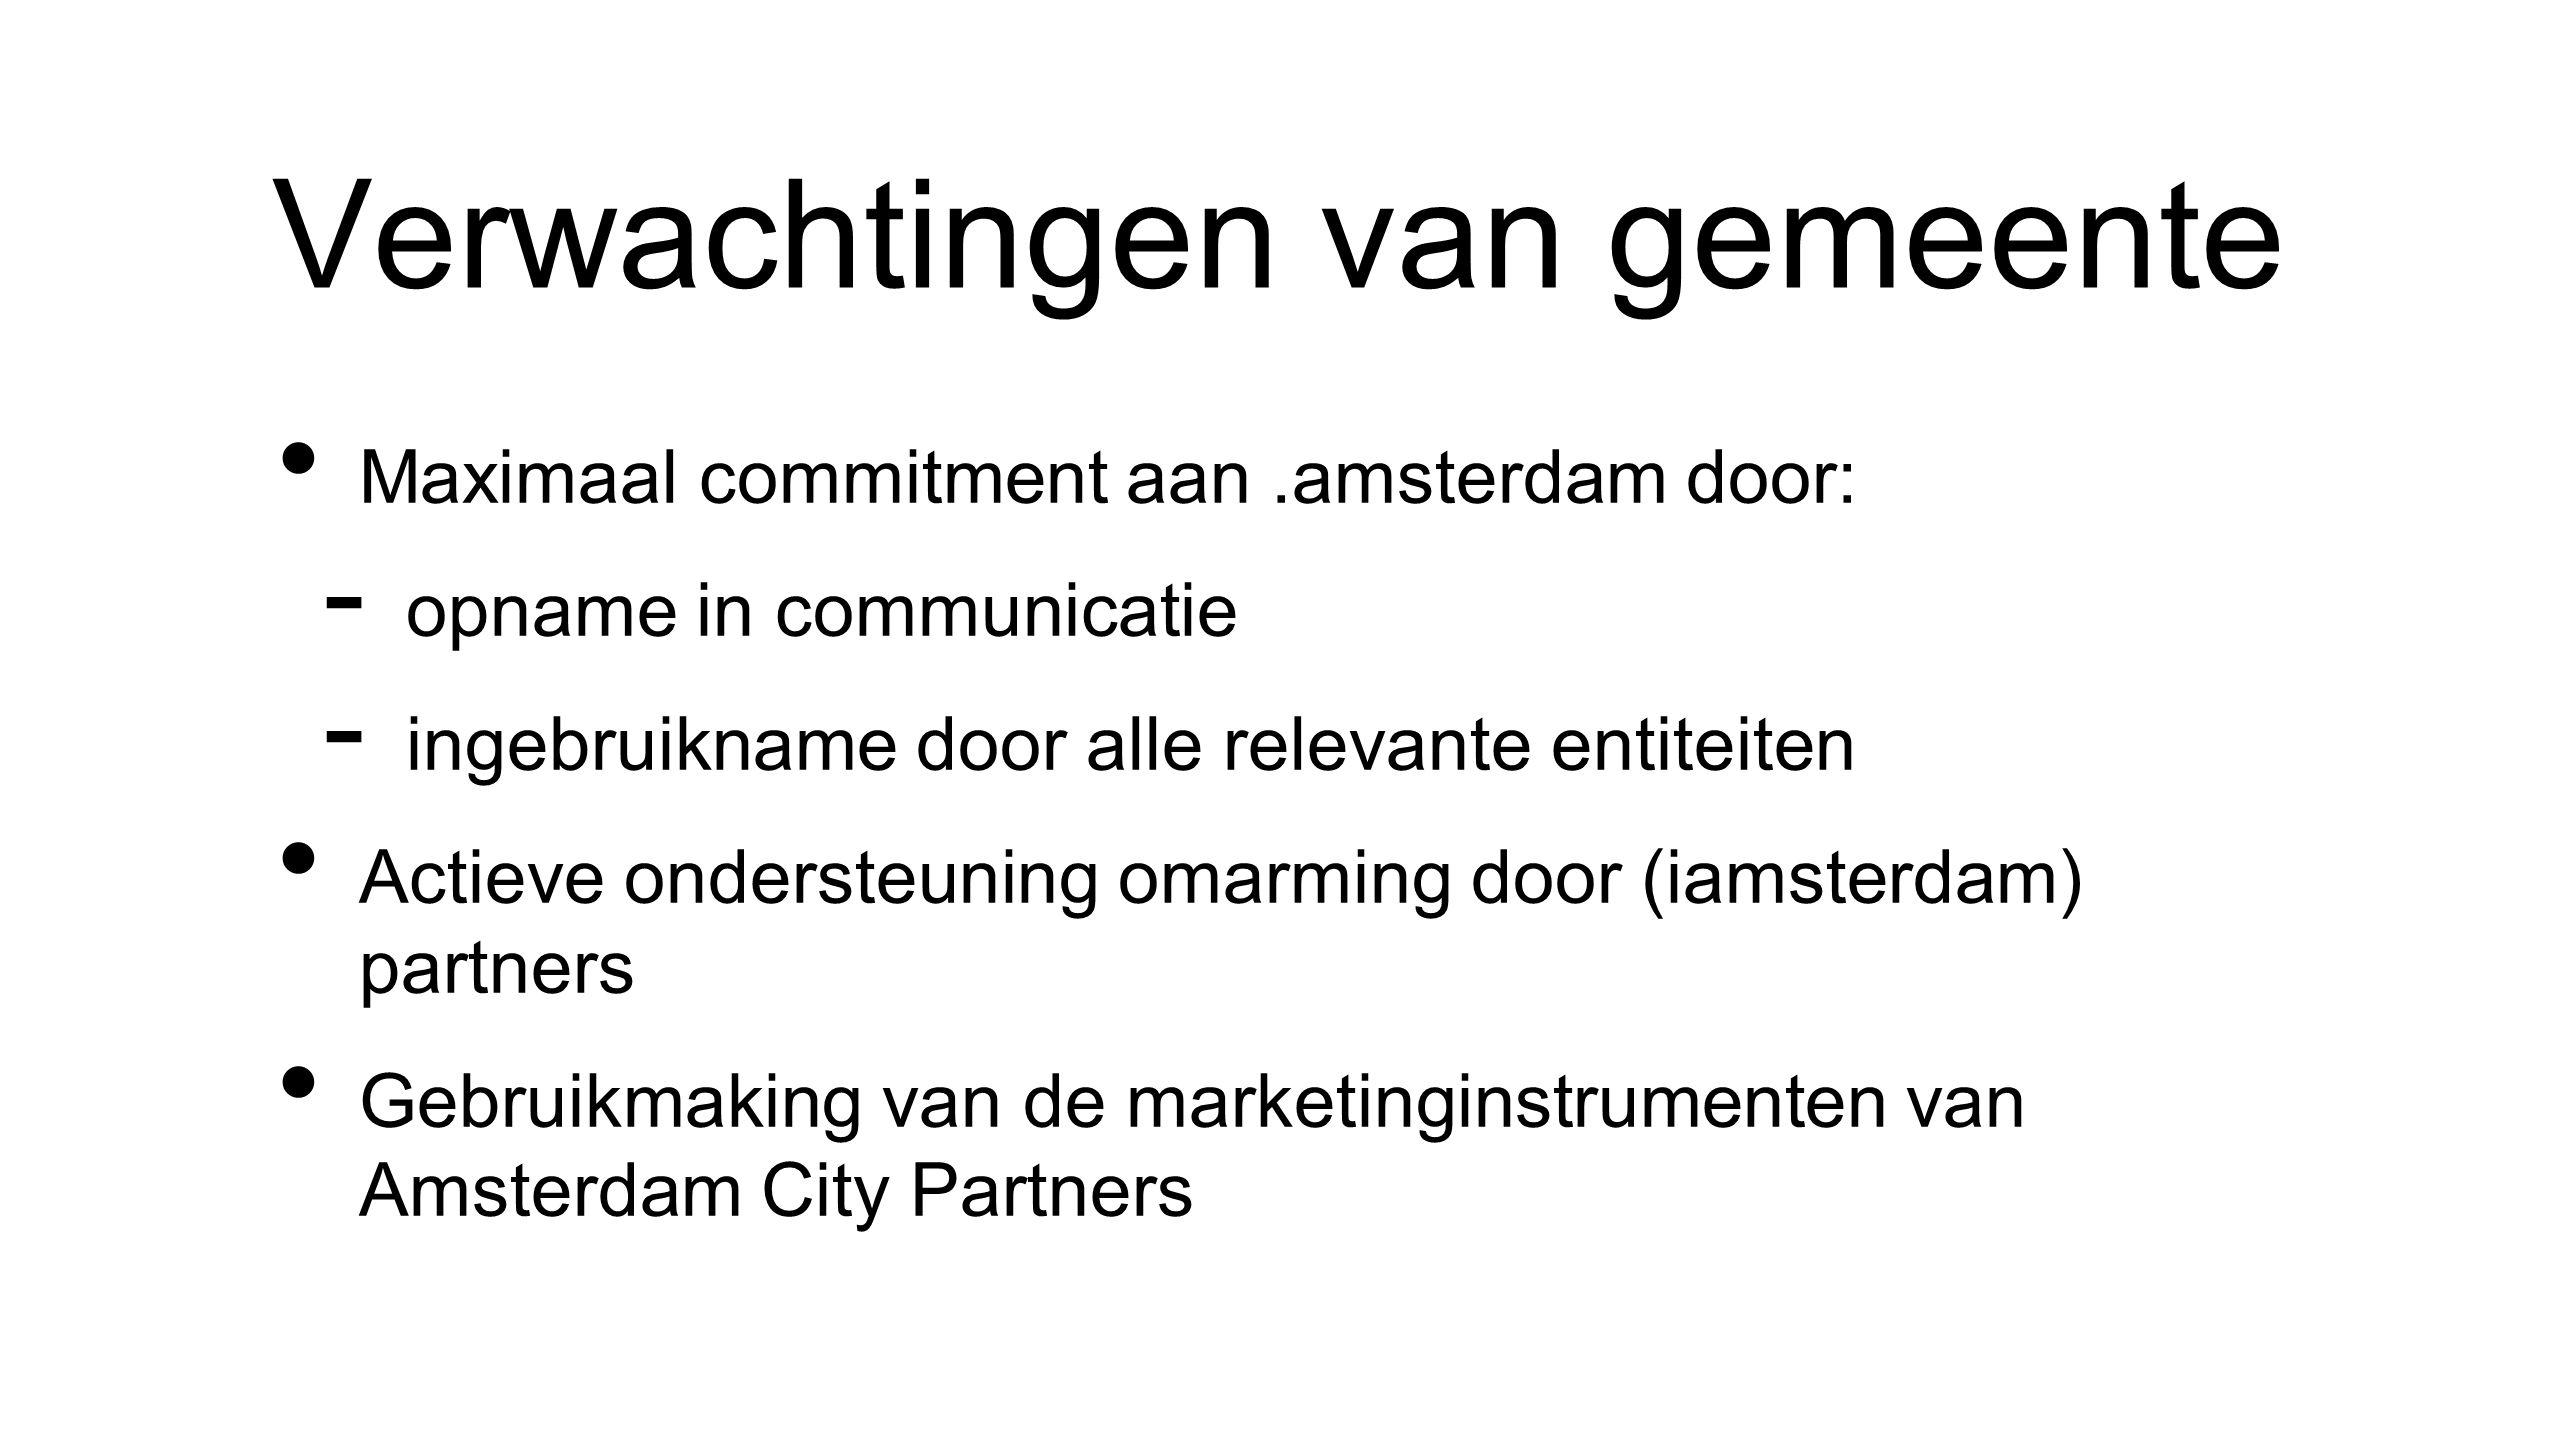 Verwachtingen van gemeente • Maximaal commitment aan.amsterdam door: - opname in communicatie - ingebruikname door alle relevante entiteiten • Actieve ondersteuning omarming door (iamsterdam) partners • Gebruikmaking van de marketinginstrumenten van Amsterdam City Partners